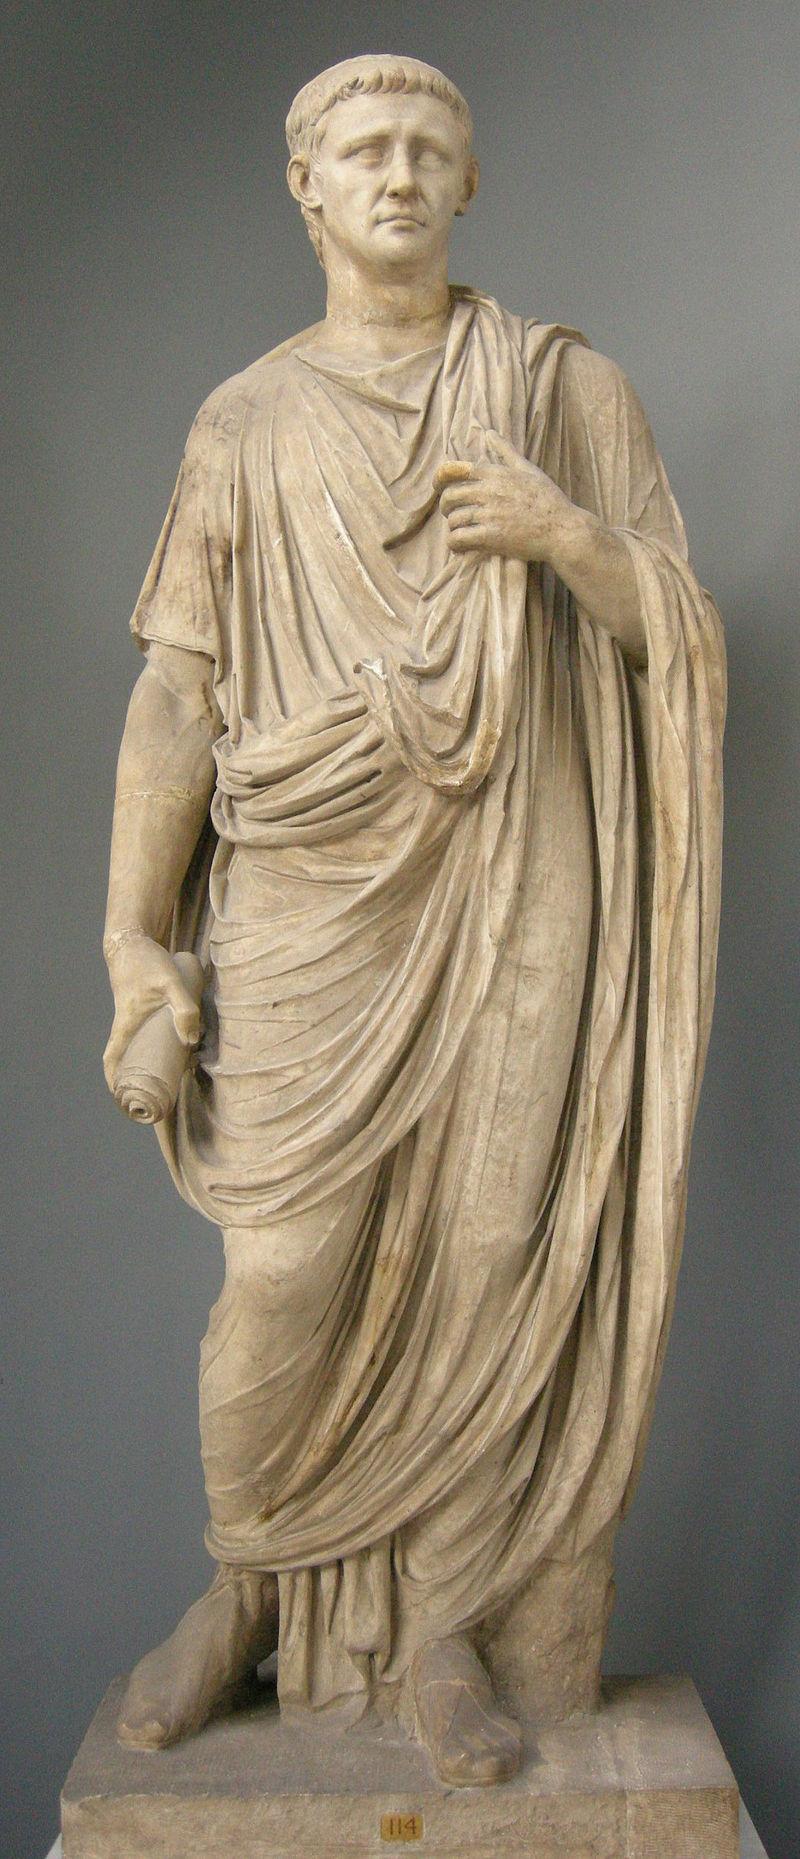 800px-Togato_con_tesa_dell'imperatore_claudio,_inv._2221